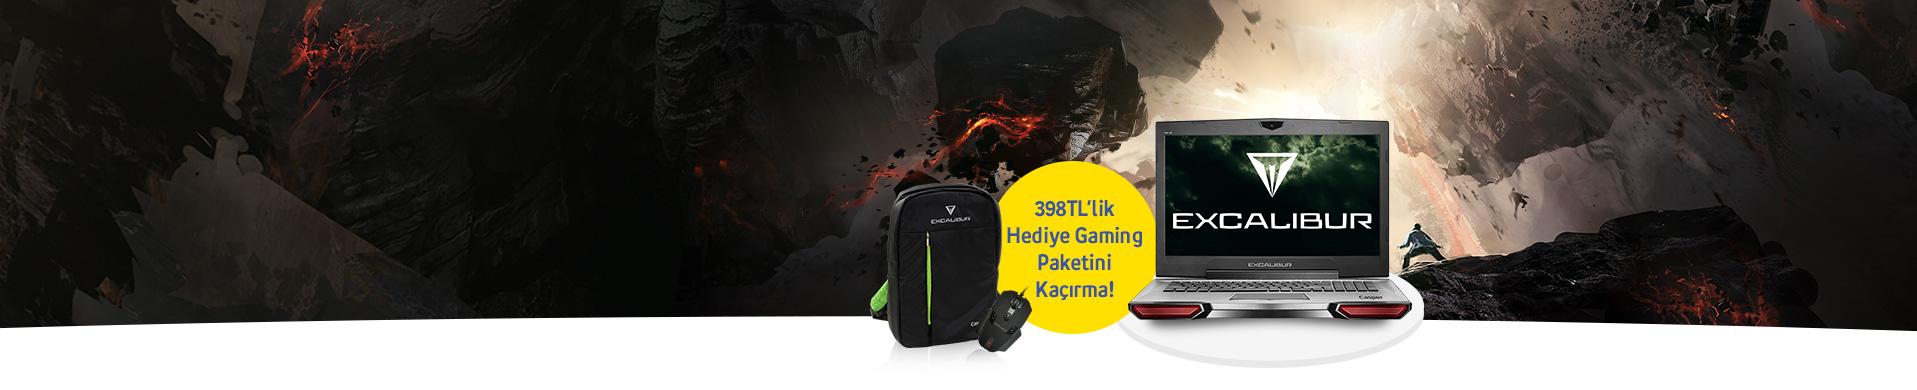 """Excalibur ile 2018 Senin Oyun Yılın Olsun Her oyunda yüksek performans sunan Excalibur şimdi 17.3"""" Gaming sırt çantası ve Gaming GX6 mouse hediyesi ile turkcell.com.tr'de."""